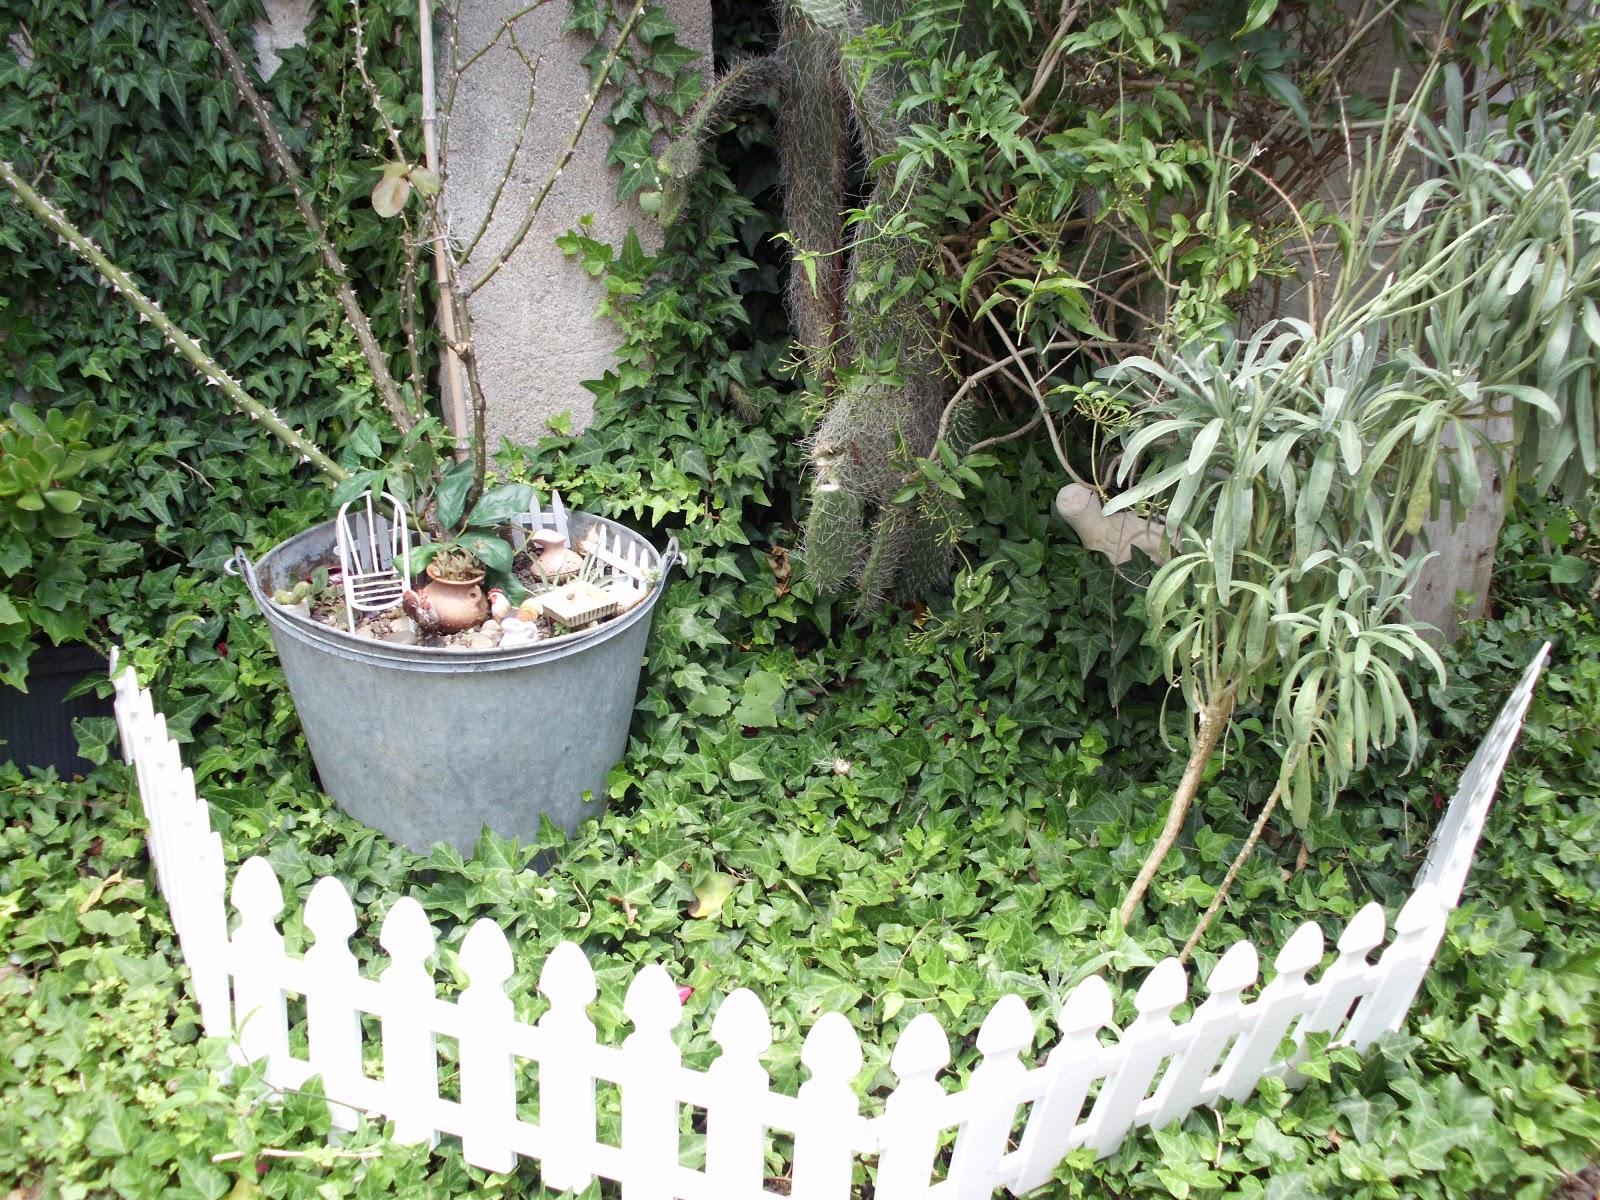 de seguro tampoco tendr gran cosecha de ciruelas dos arboles de ciruelas frondosos en hojas claro en frutos cero